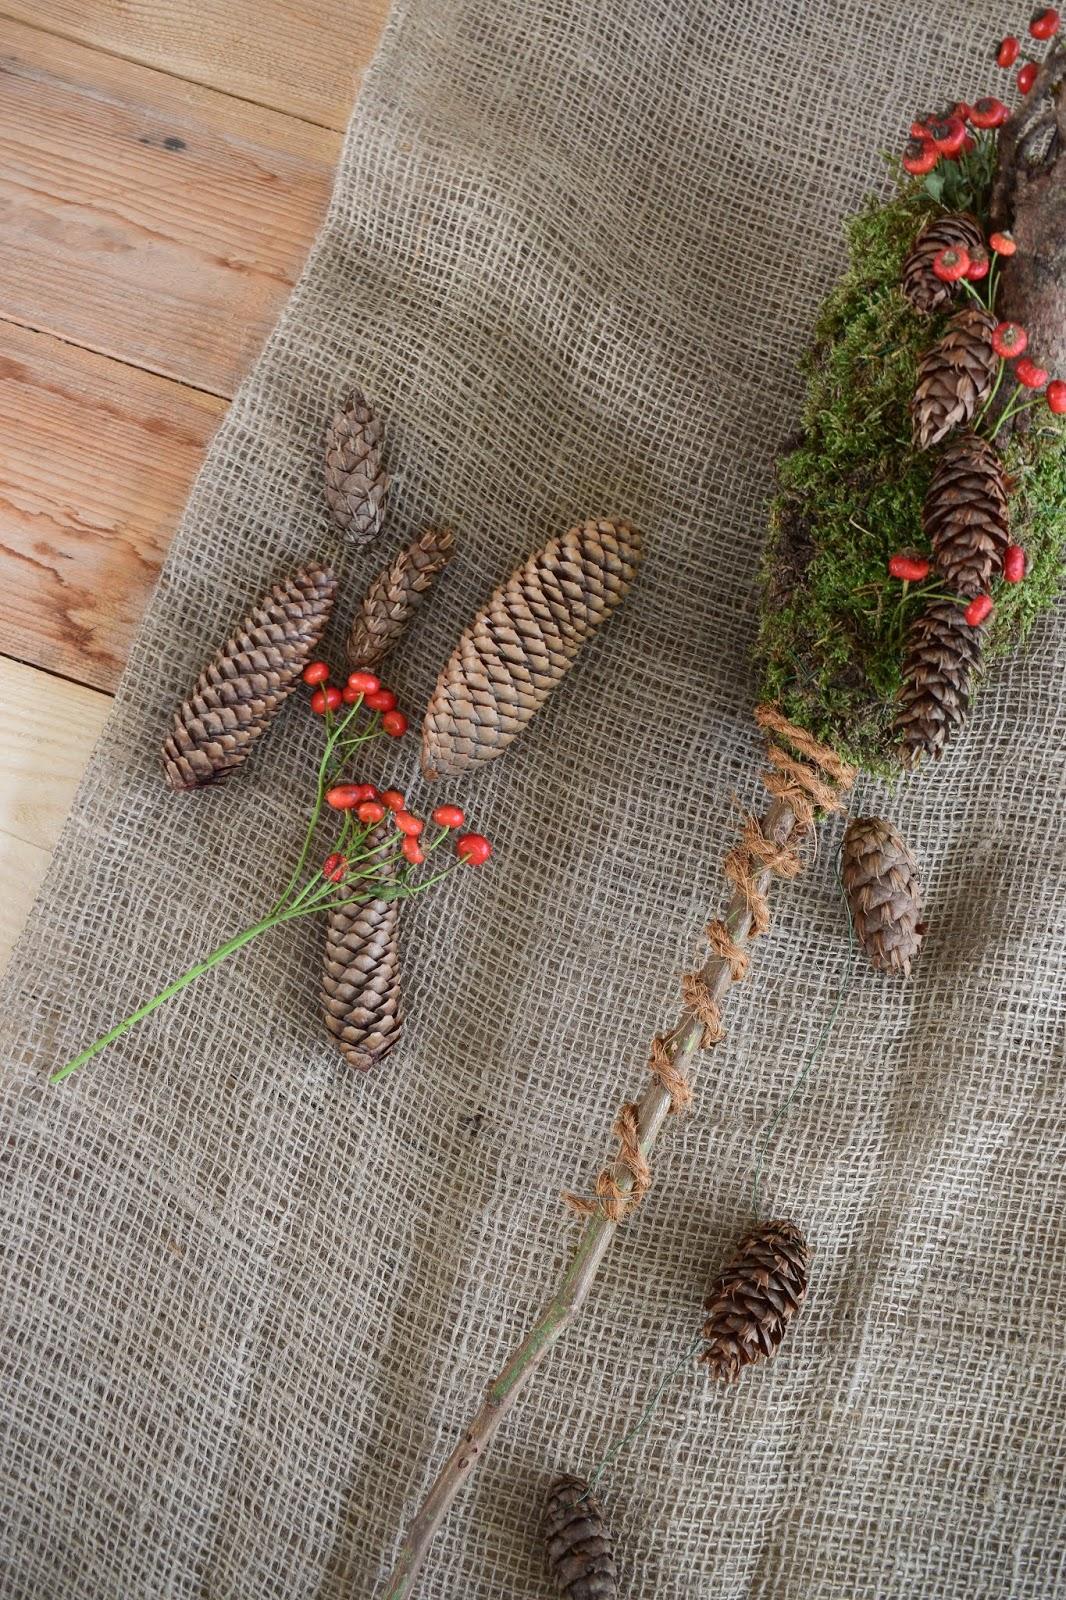 DIY Dekoidee Winter Workshop Kreativ Natuerlich Ideenreich: Gartenstab Dekostab Winterdeko Moosdeko selber machen